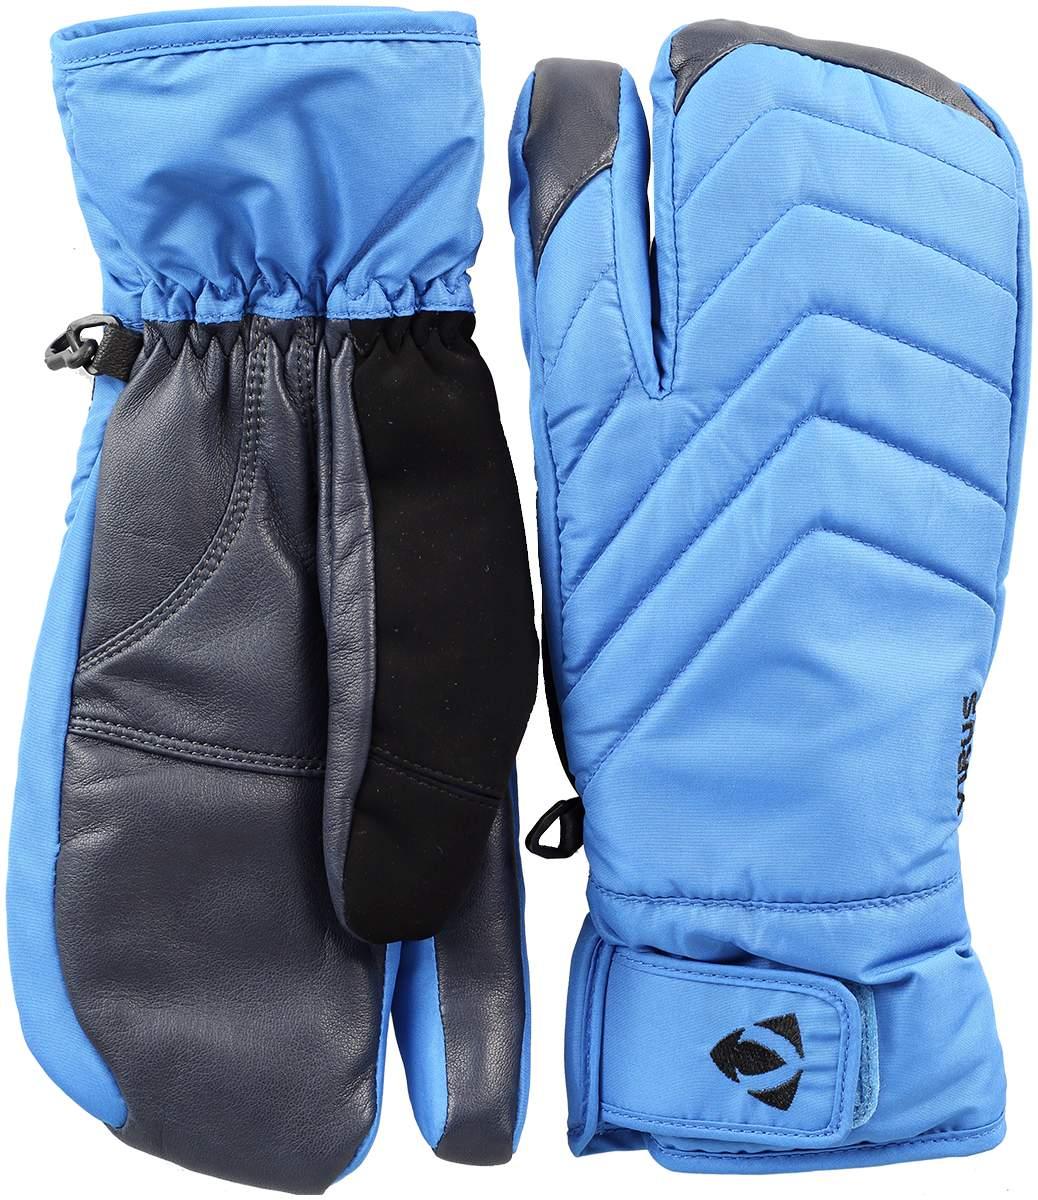 Рукавицы F4Варежки<br>Рукавицы F4 – это «мутация» популярной модели Muzzy. Разделение пальцев делает эту модель больше похожей на рукавицы, что определенно снижает риски обморожения. Кроме того, их оригинальный дизайн дополнен надежной регулировкой запястья, мембраной DryZone ...<br><br>Цвет: Синий<br>Размер: M